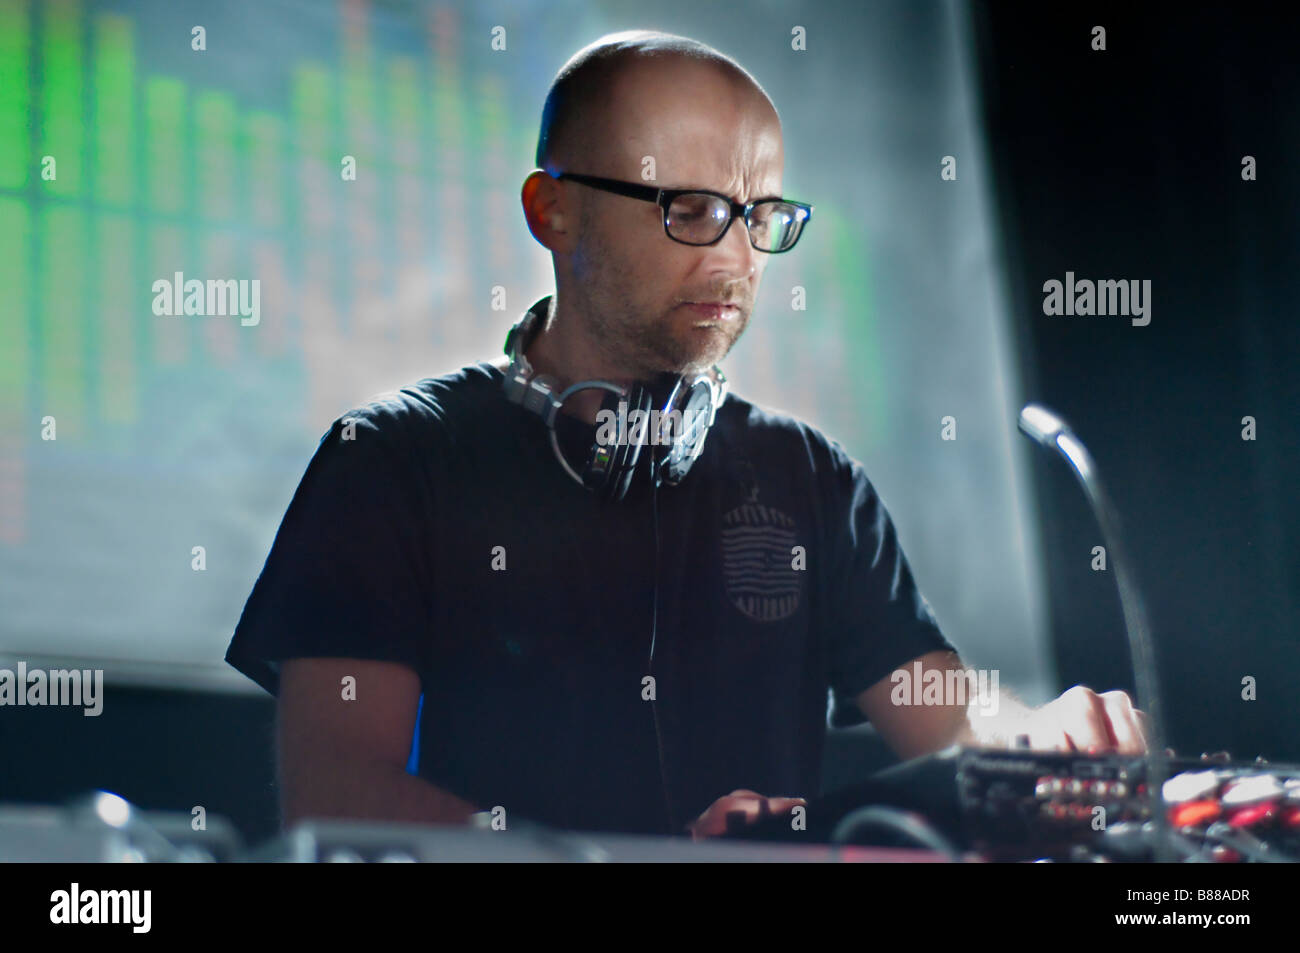 Moby (Richard Melville Hall) tourne un set de DJ à la 930 Club à Washington DC. Photo Stock